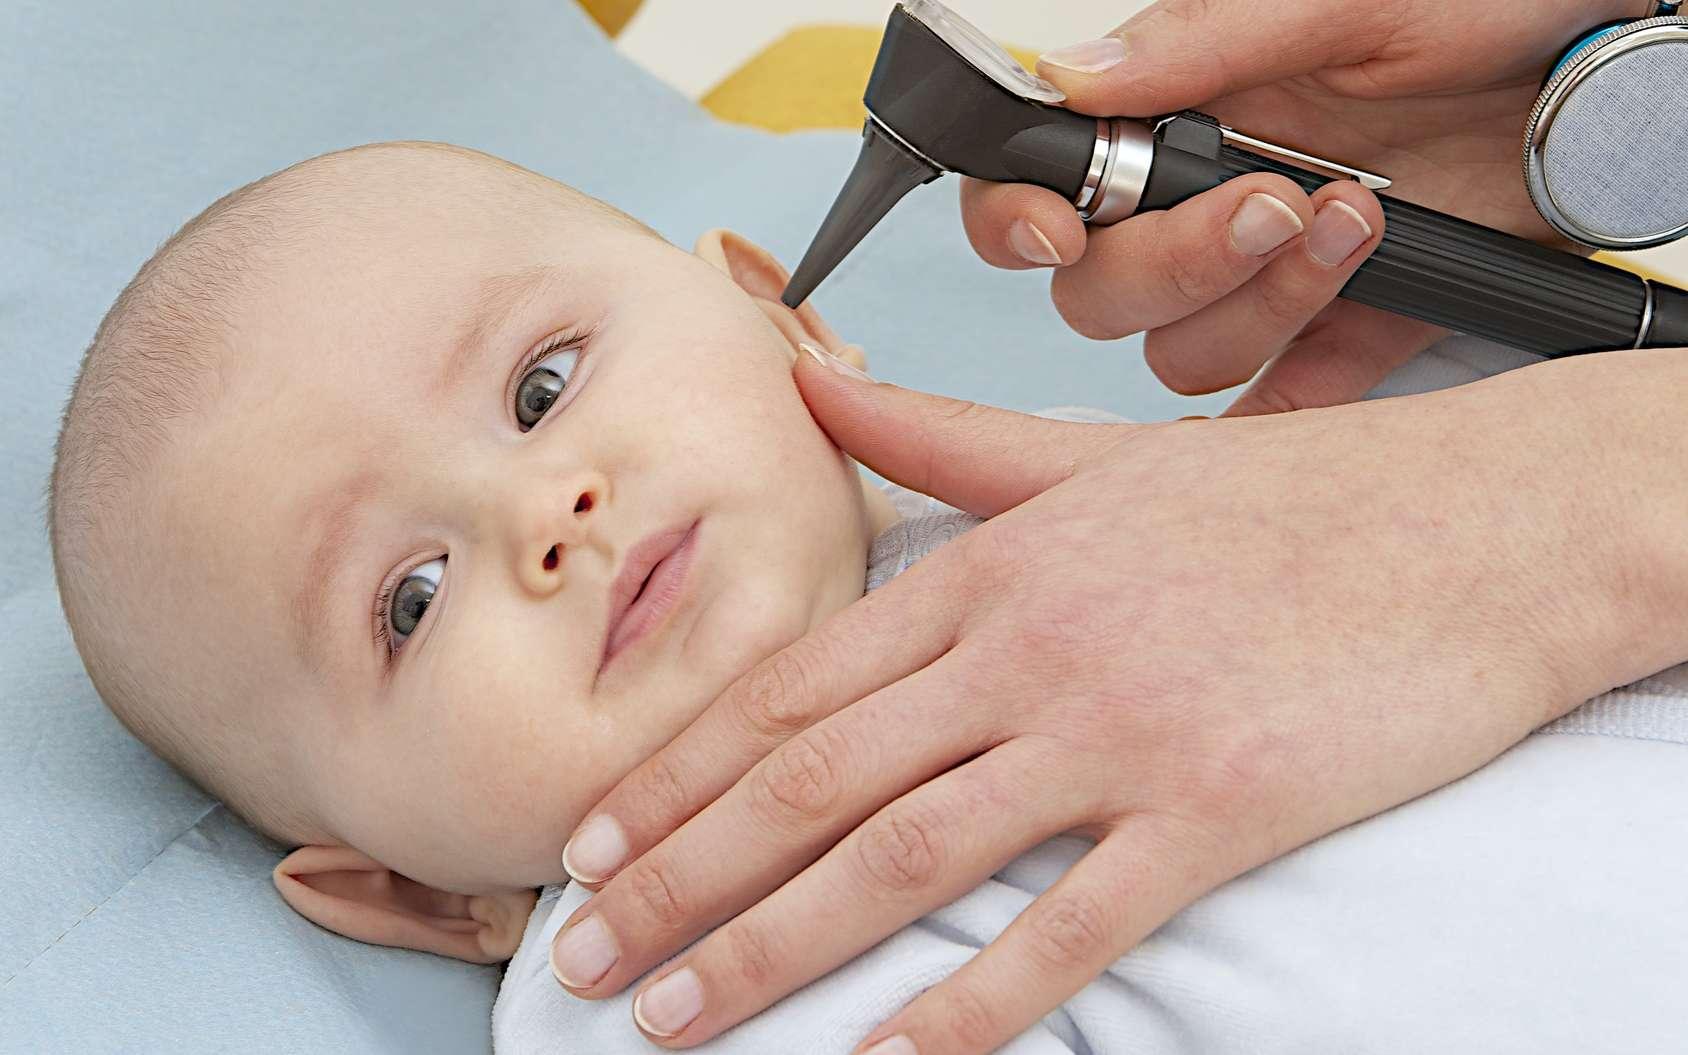 En cas d'otite, virale ou non, le médecin examine l'oreille avec un otoscope. © JPC-PROD, Fotolia